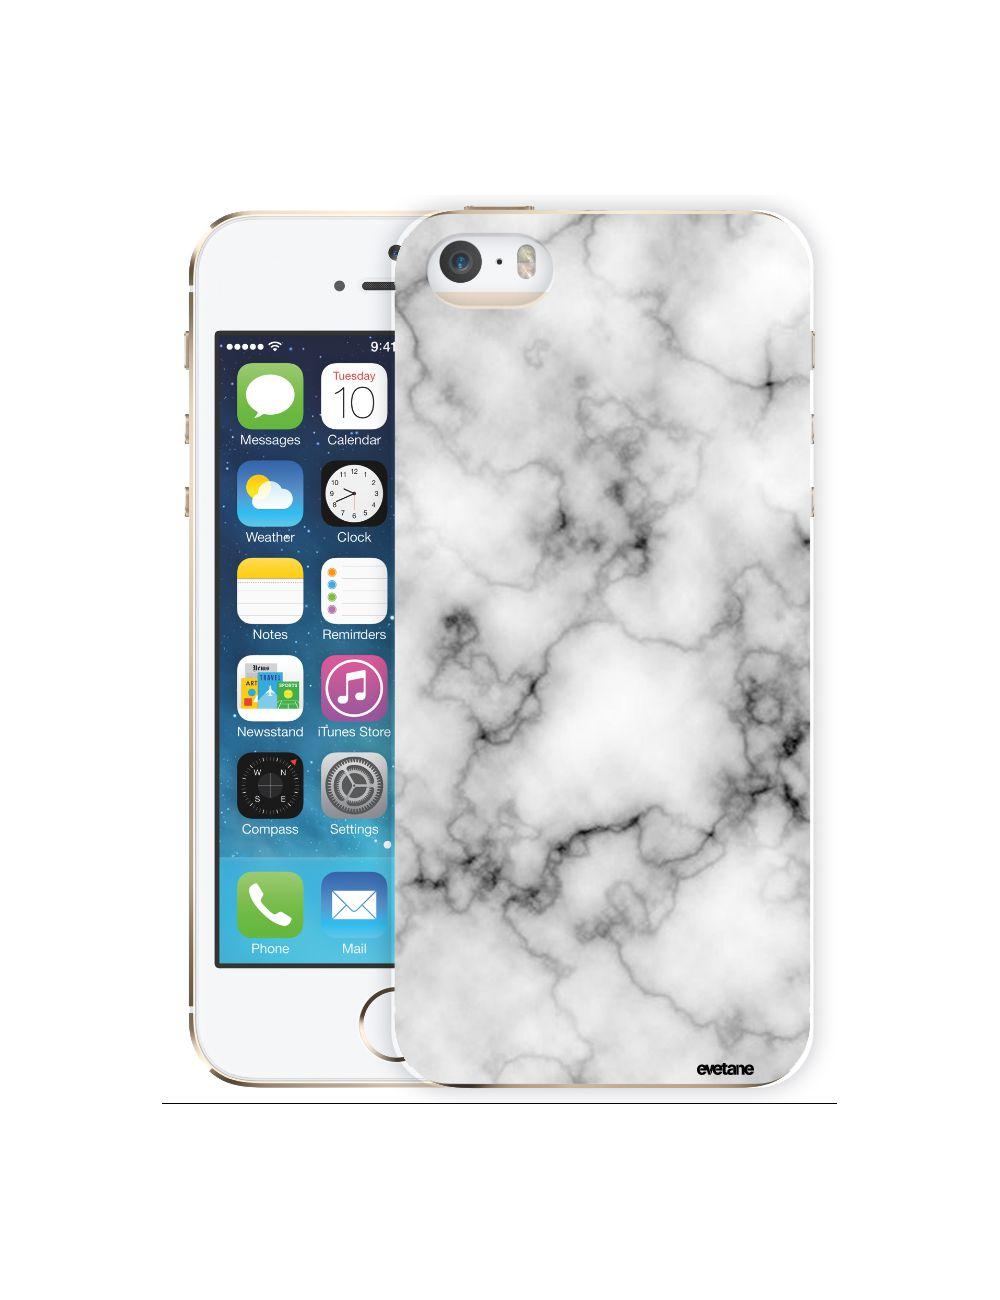 Coque pour iPhone 5/5S/SE rigide transparente Marbre blanc Dessin [Evetane®]